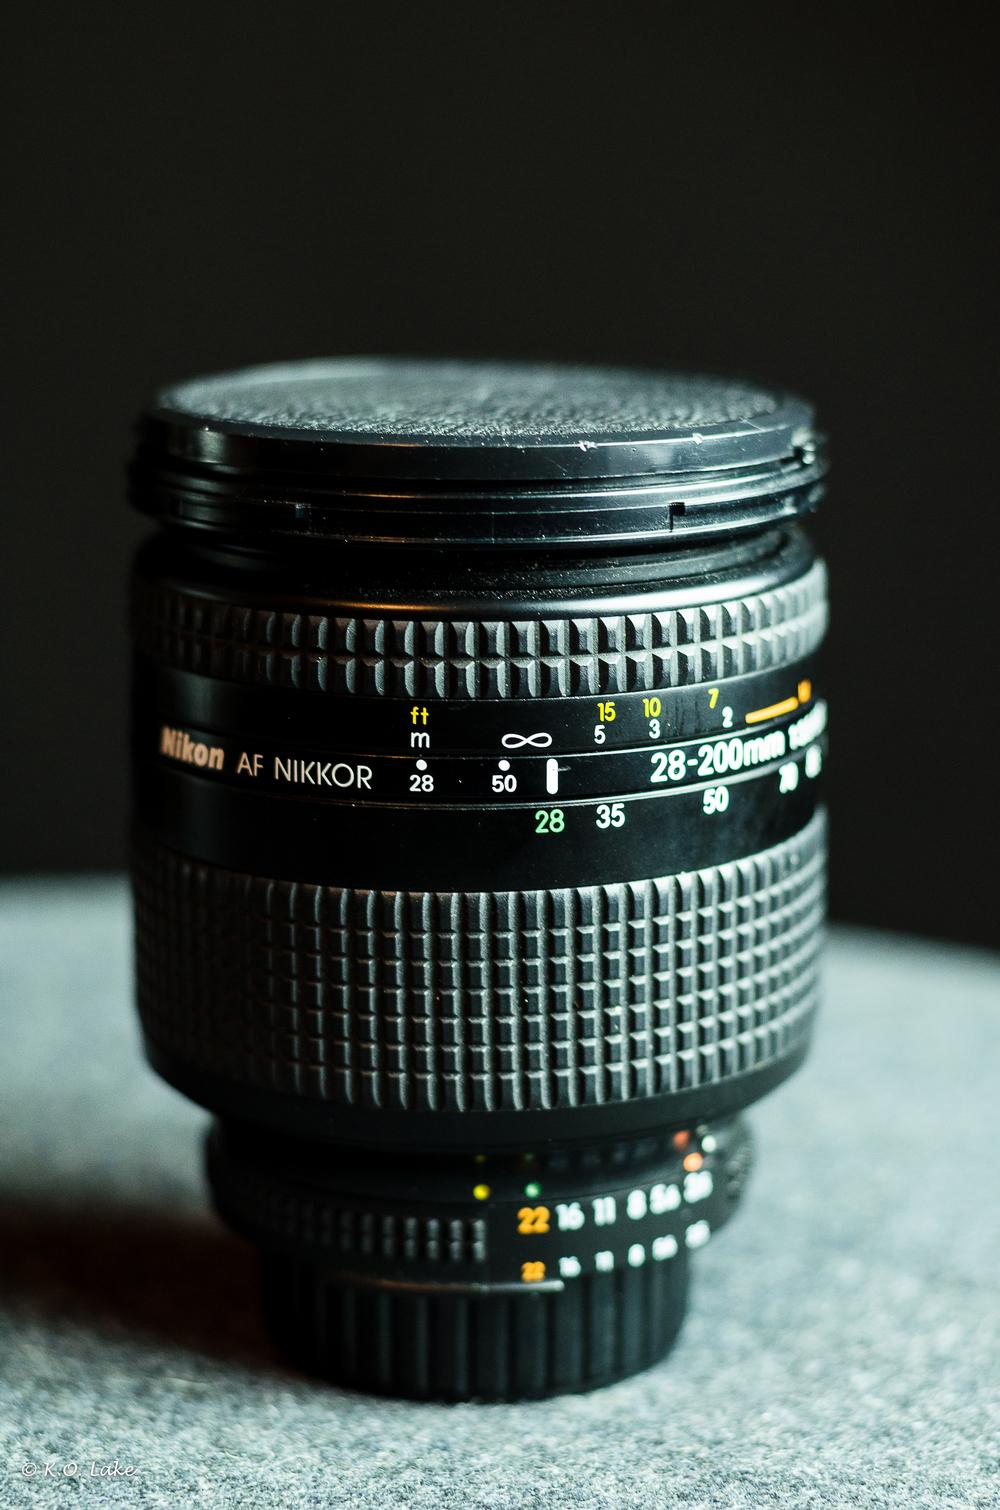 My trusty Nikon AF-D Nikkor 28-200mm lens